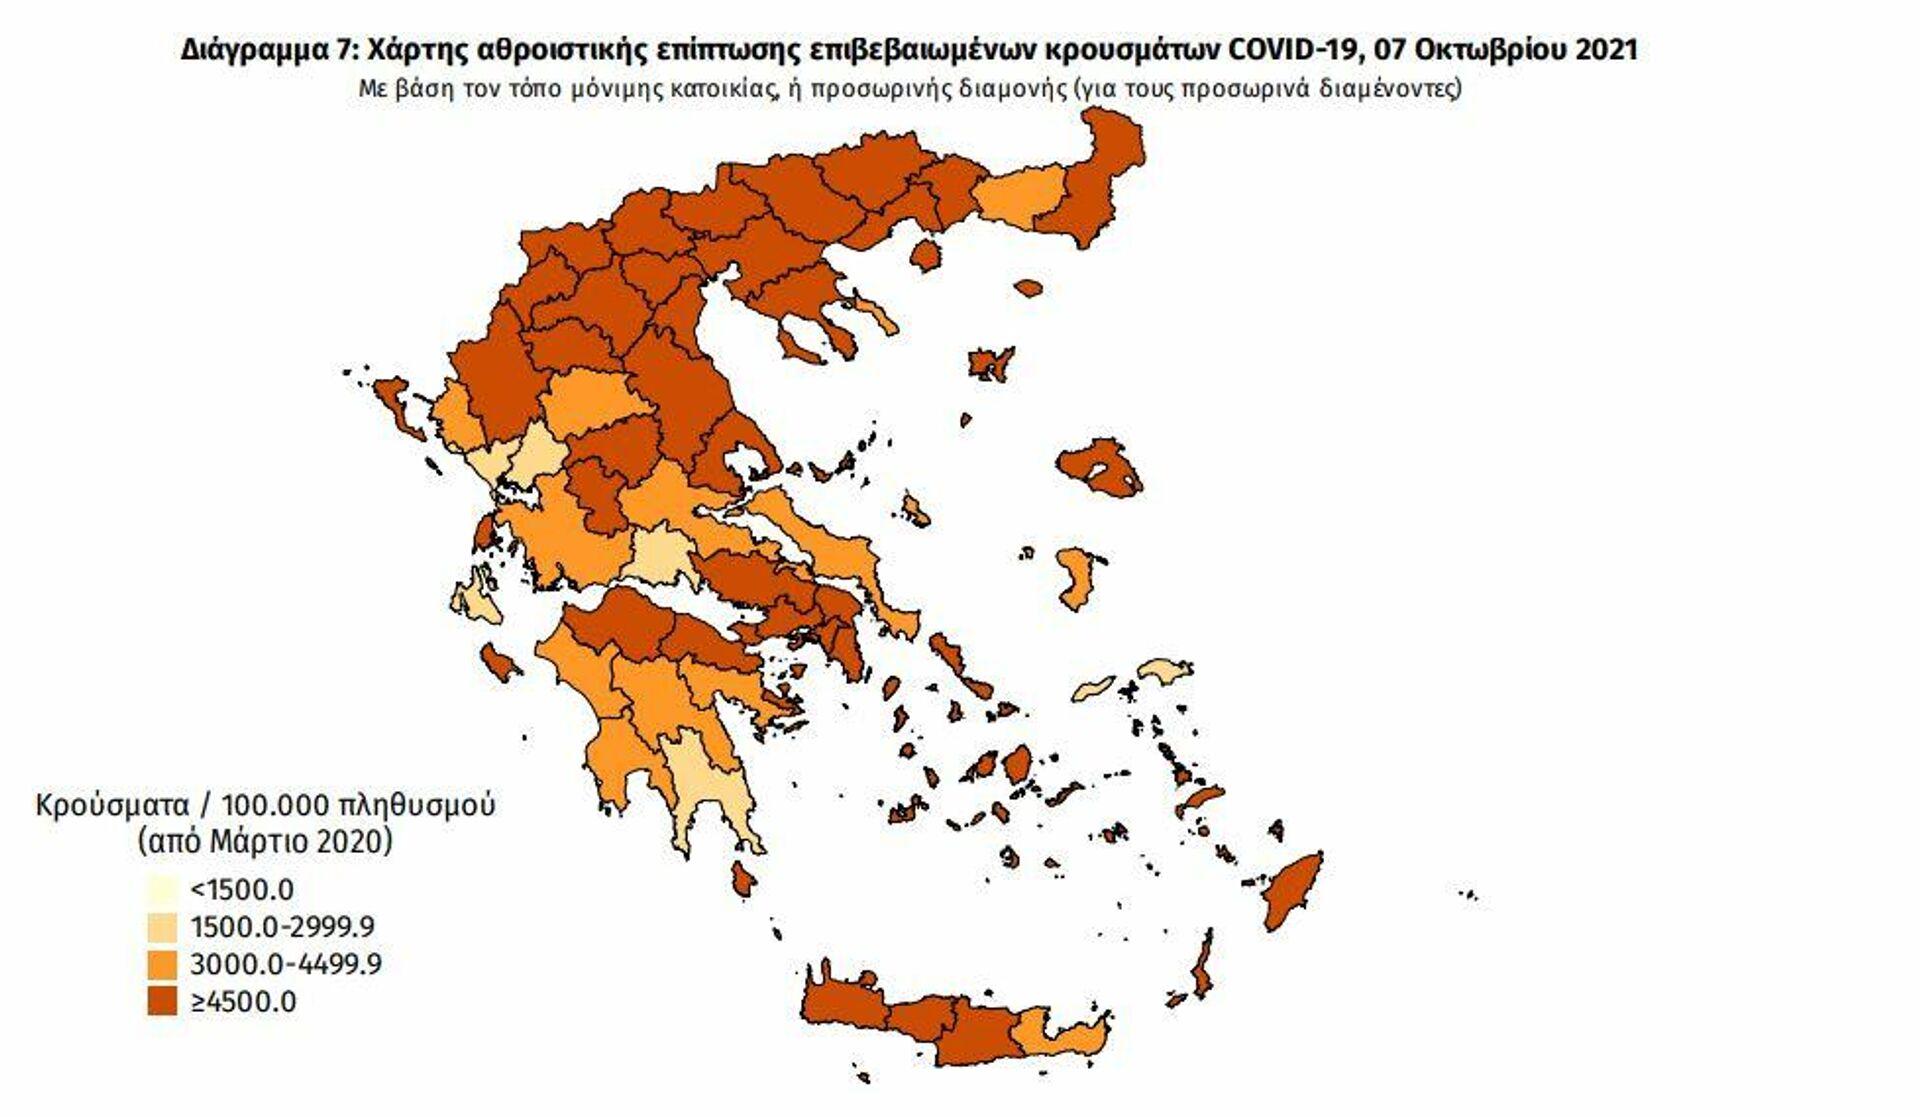 Χάρτης κρουσμάτων - Sputnik Ελλάδα, 1920, 07.10.2021